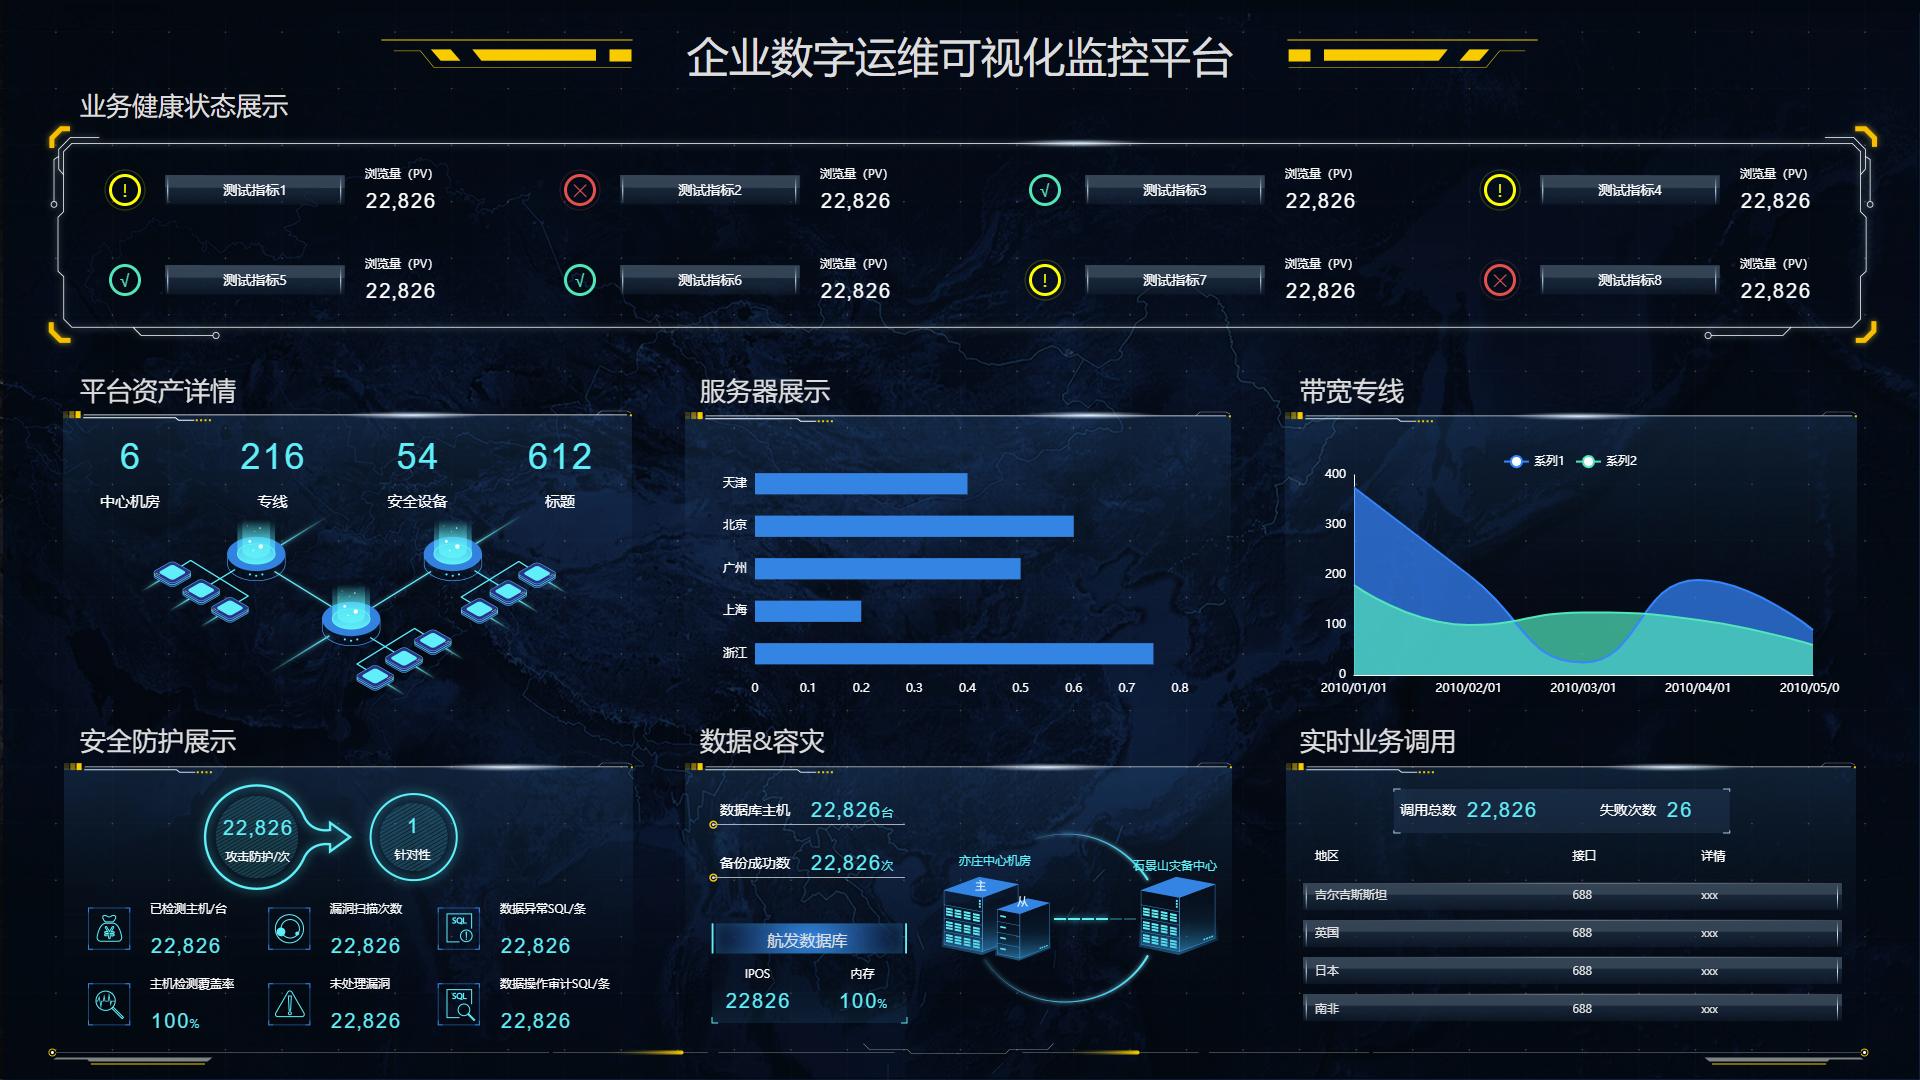 企业数字运维可视化监控平台-结果